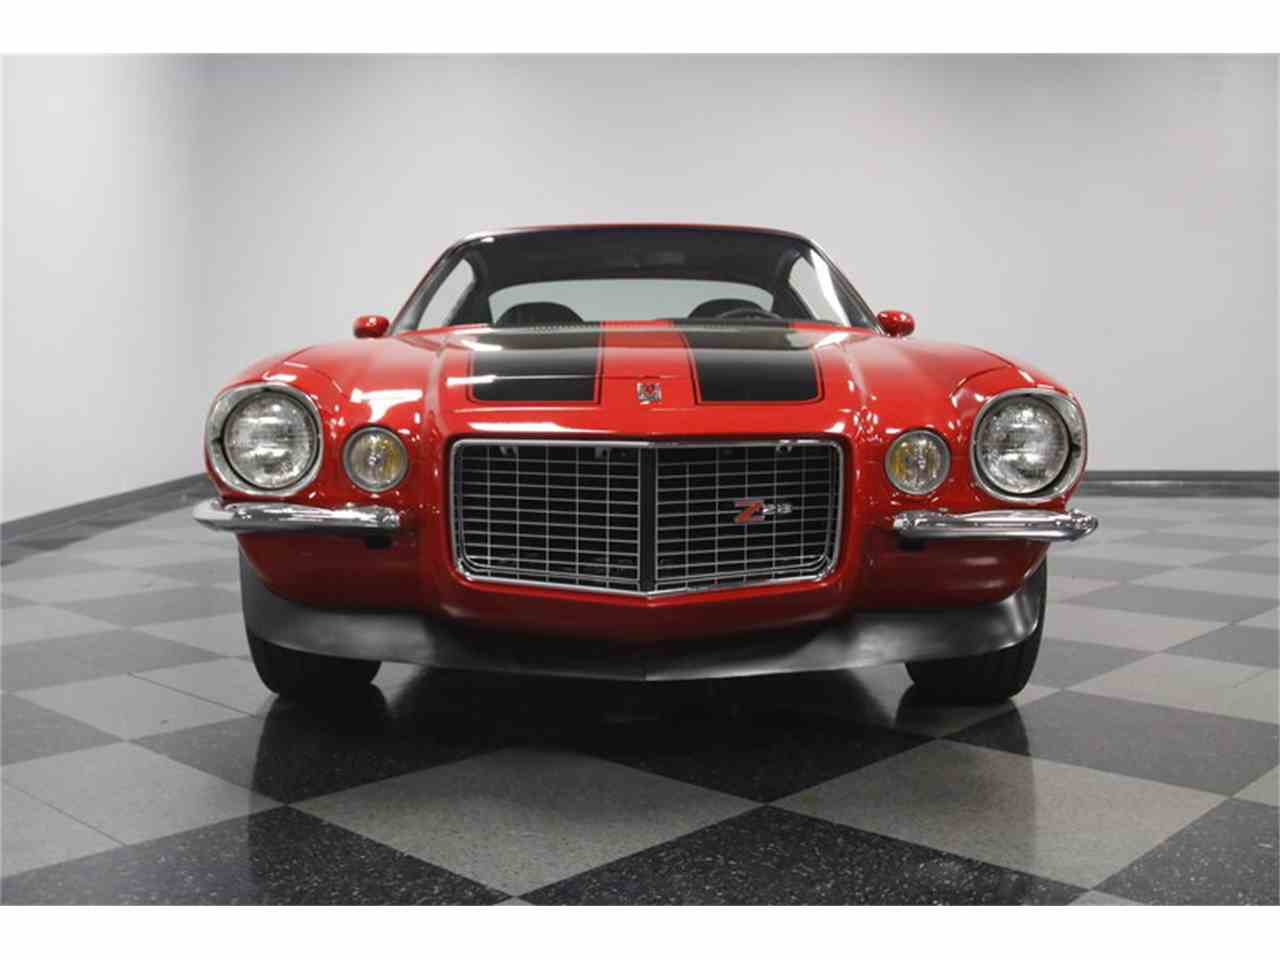 Large Picture of '71 Camaro Z28 located in Concord North Carolina - $43,995.00 - MC8K